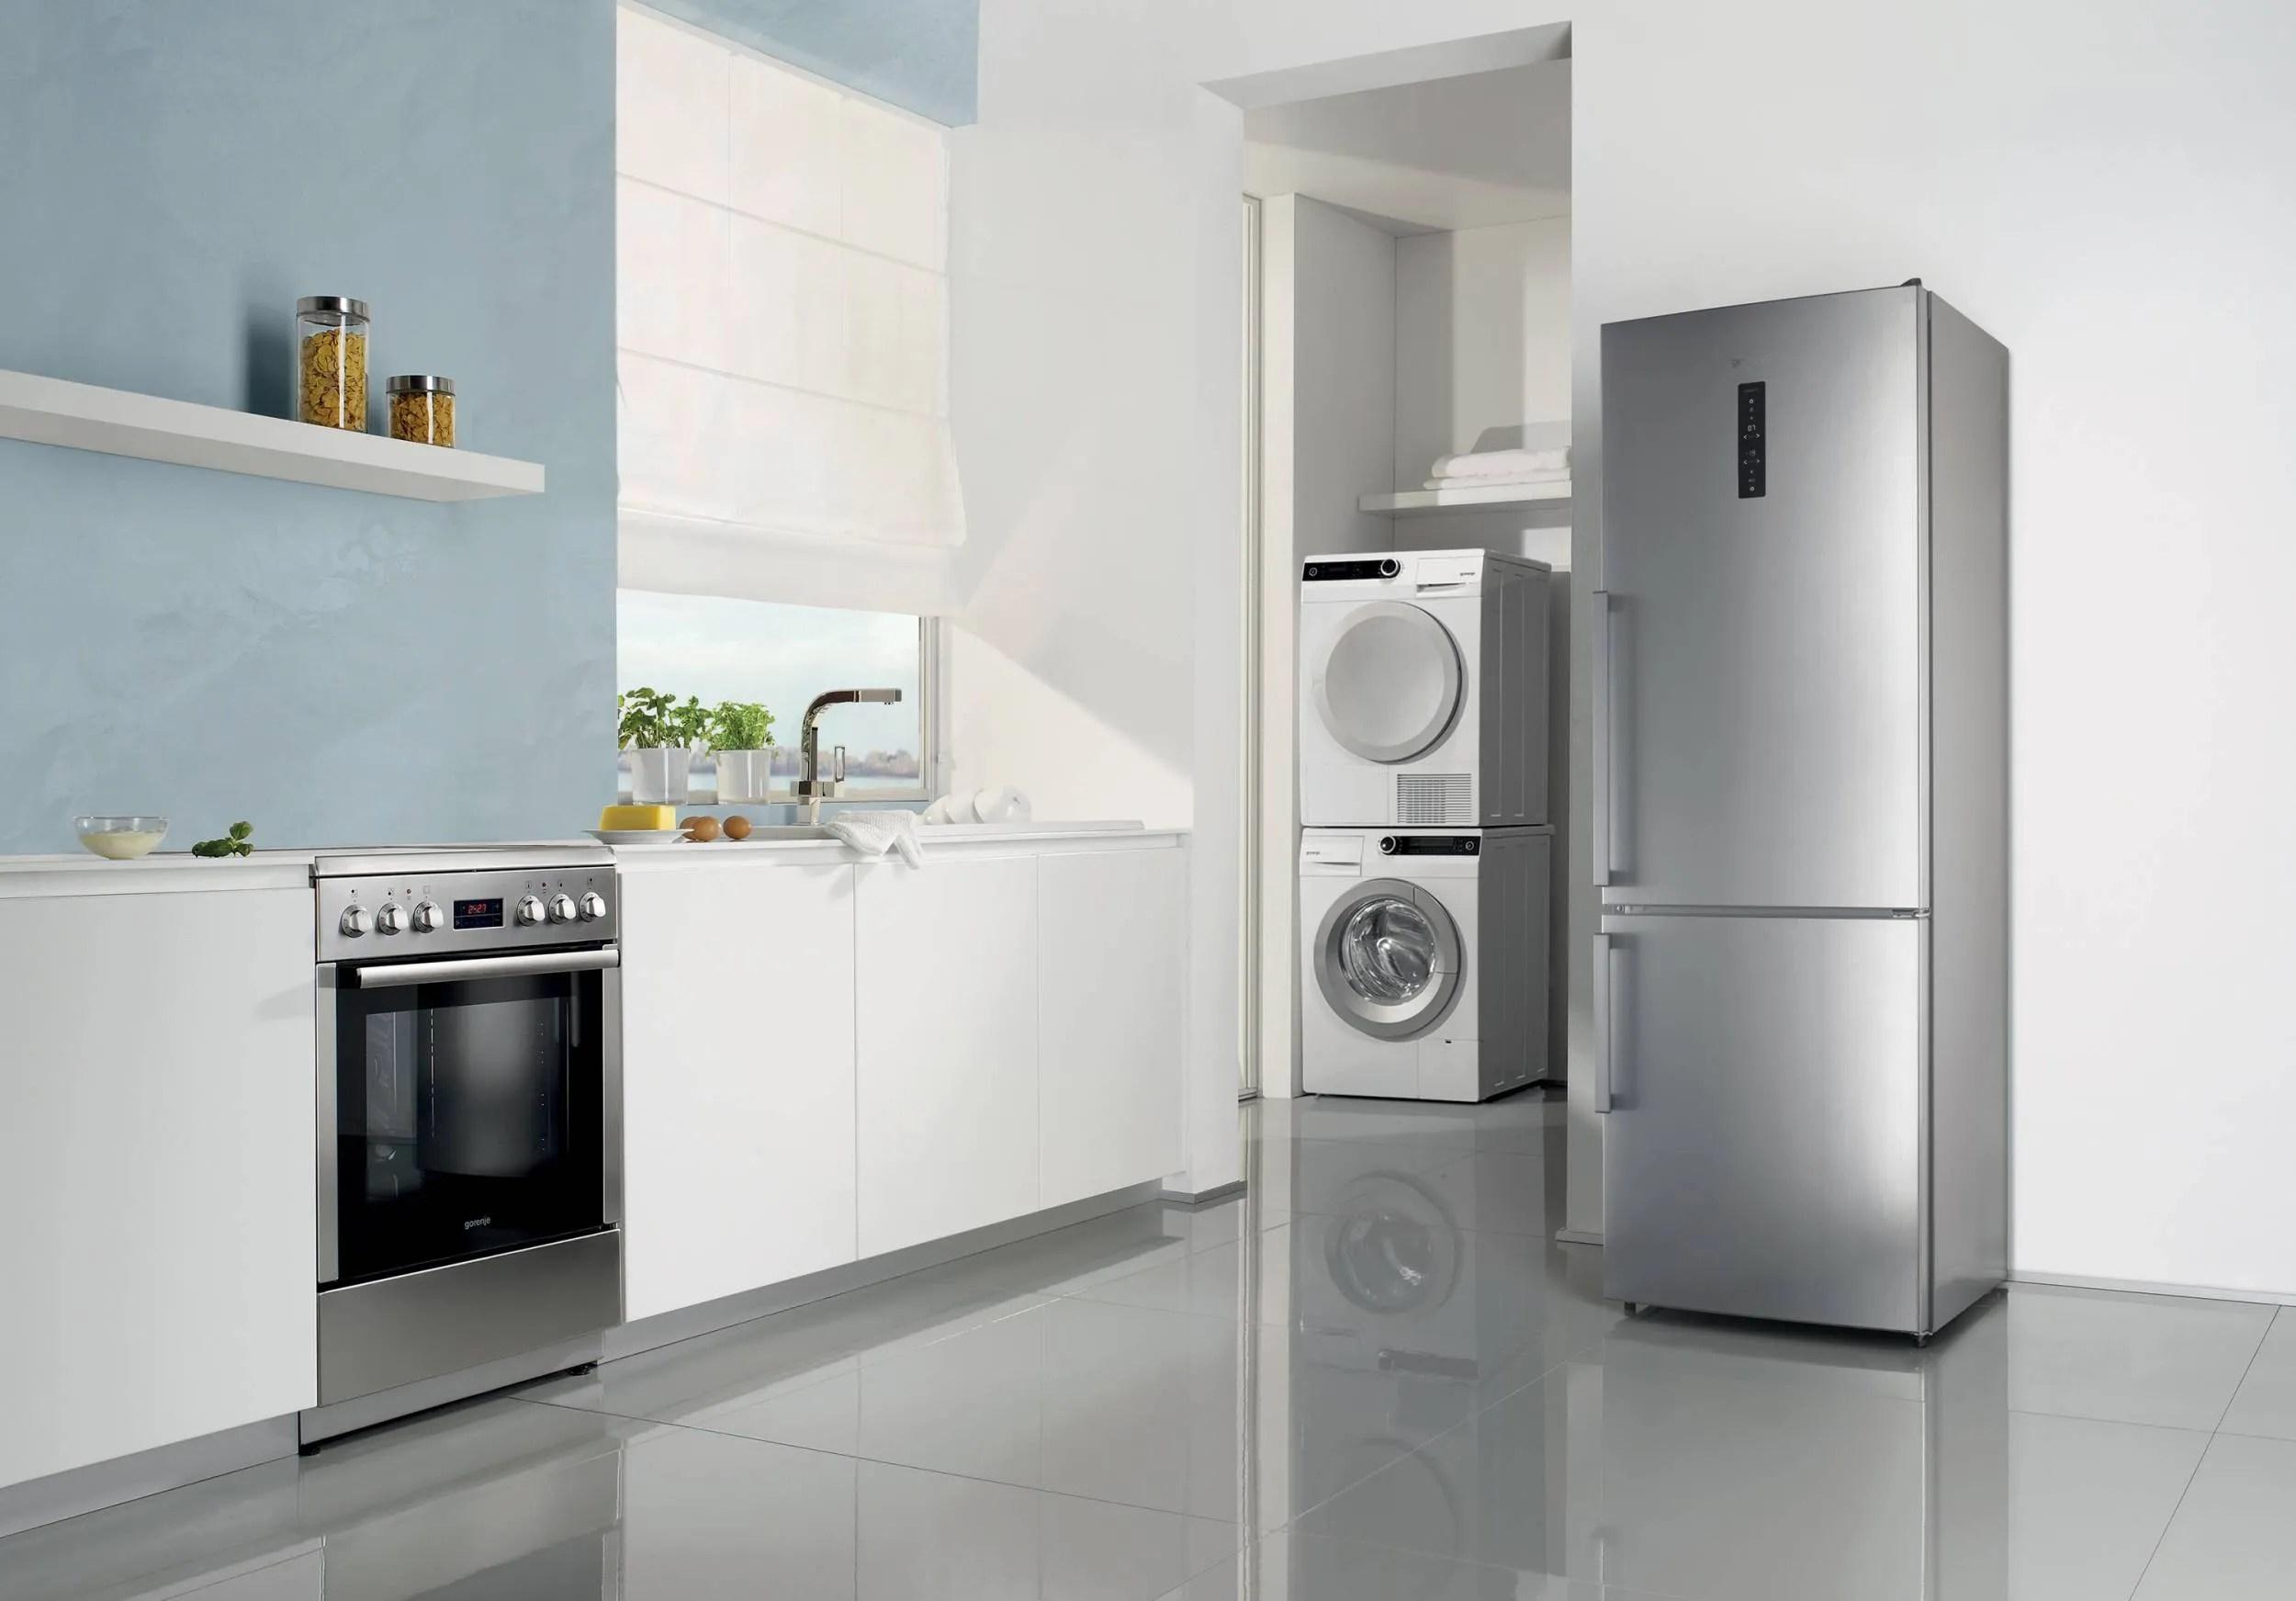 Gorenje Kühlschrank Nrk 193 : Ersatzteile gorenje kühl gefrierkombination kühl